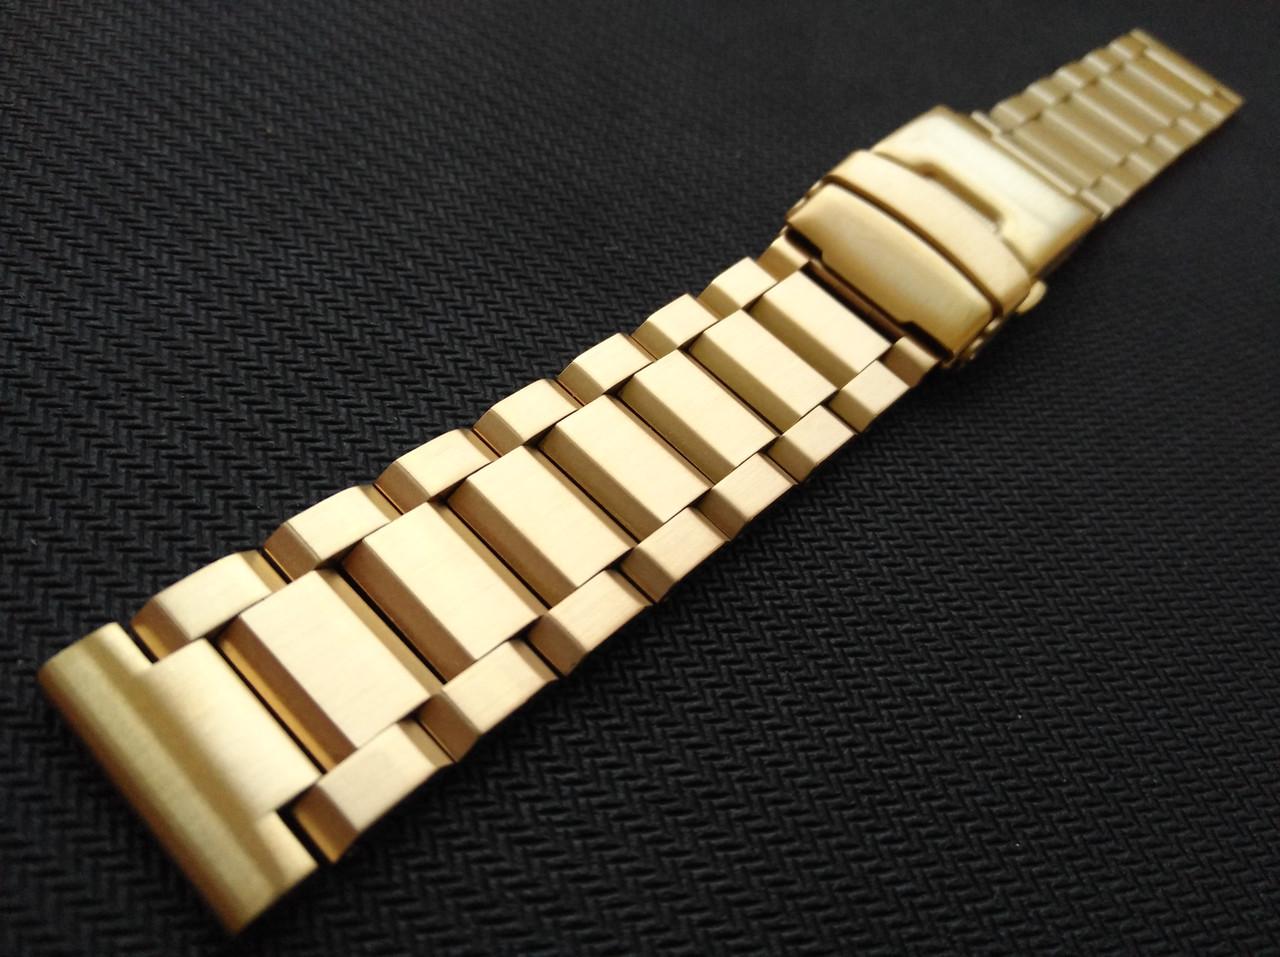 Браслет для часов из нержавеющей стали, литой, матовый. Золотистый. 18 мм. Hexad